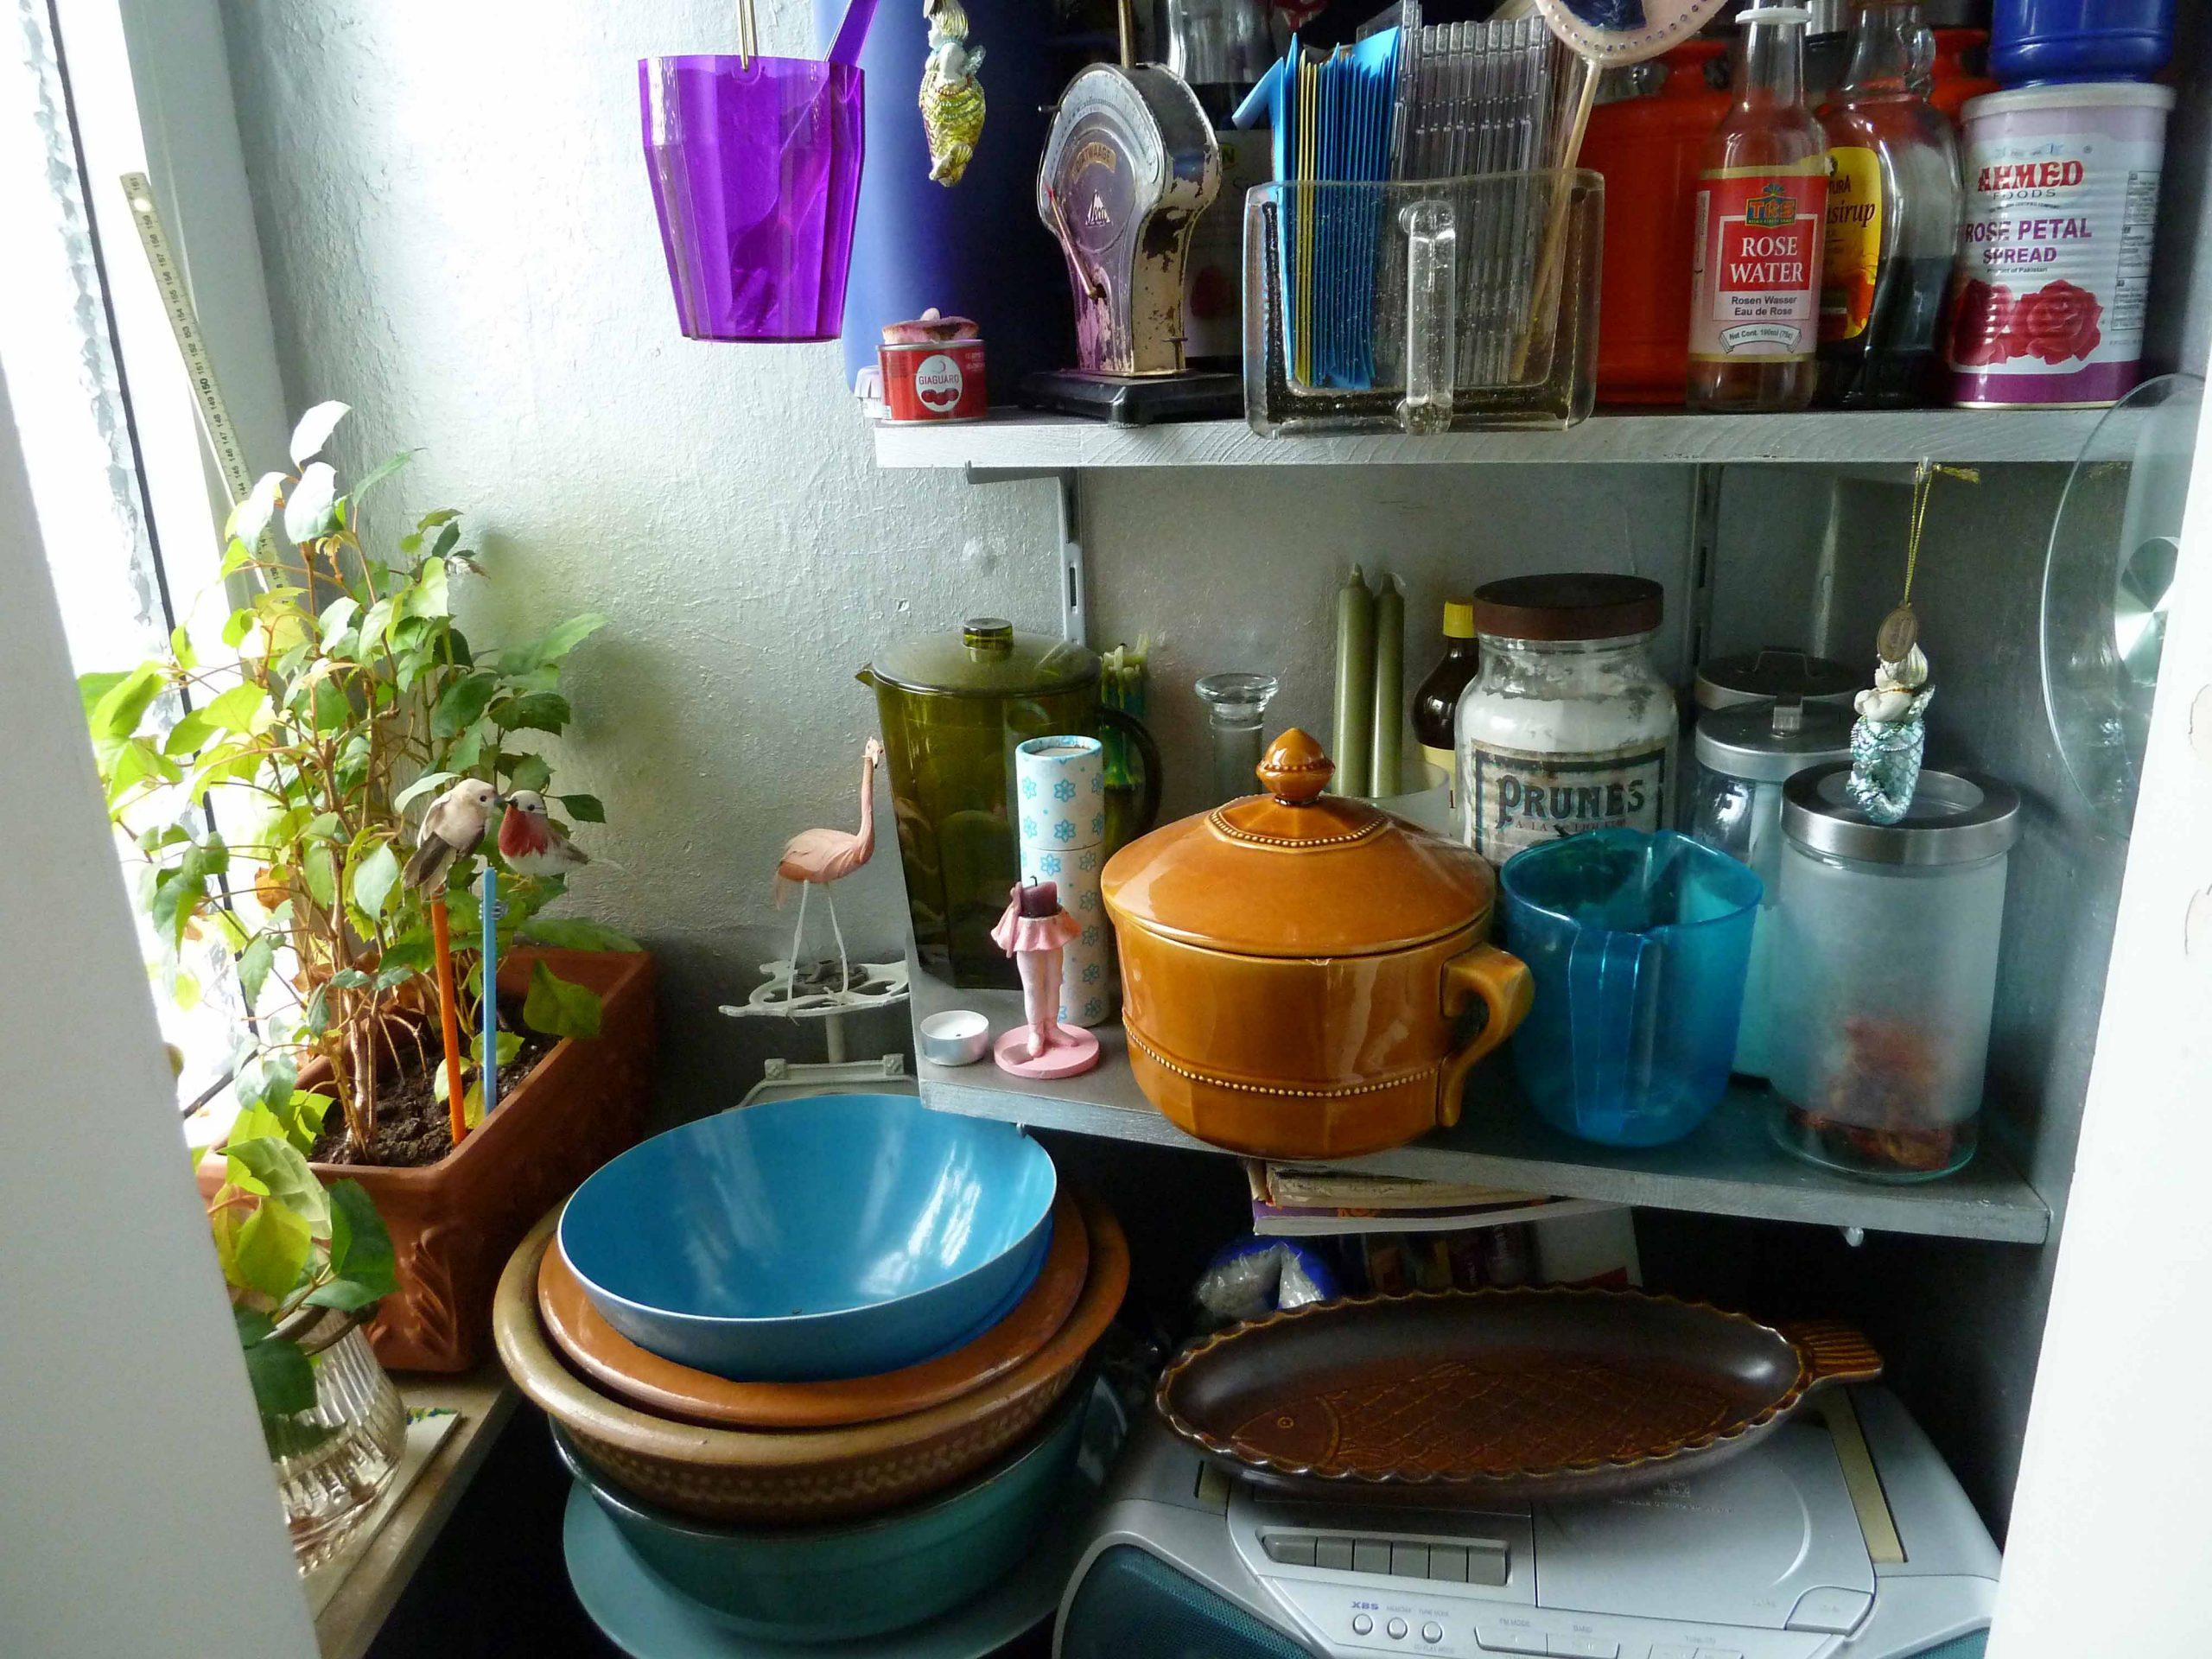 Kleinster Raum besonders wichtig: Speisekammer, viele Gegenstände auf engstem Raum